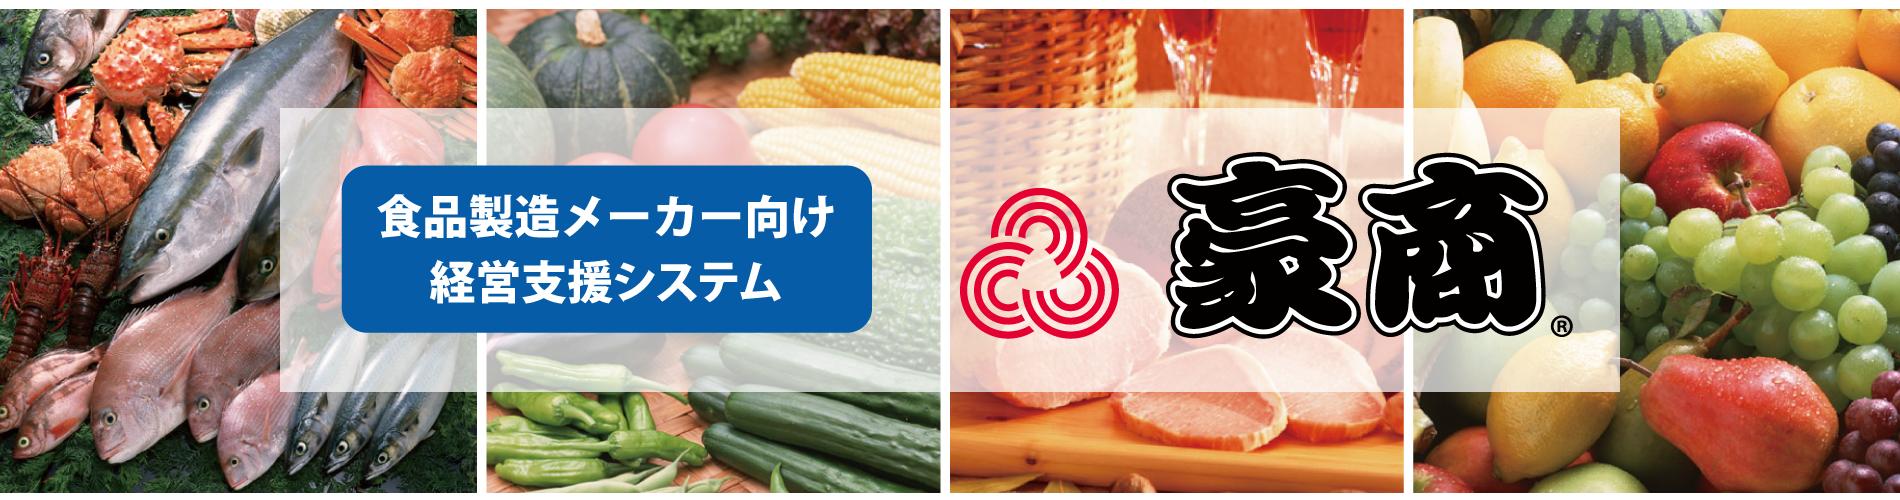 食品業向け製造・在庫・販売管理パッケージソフト「豪商」